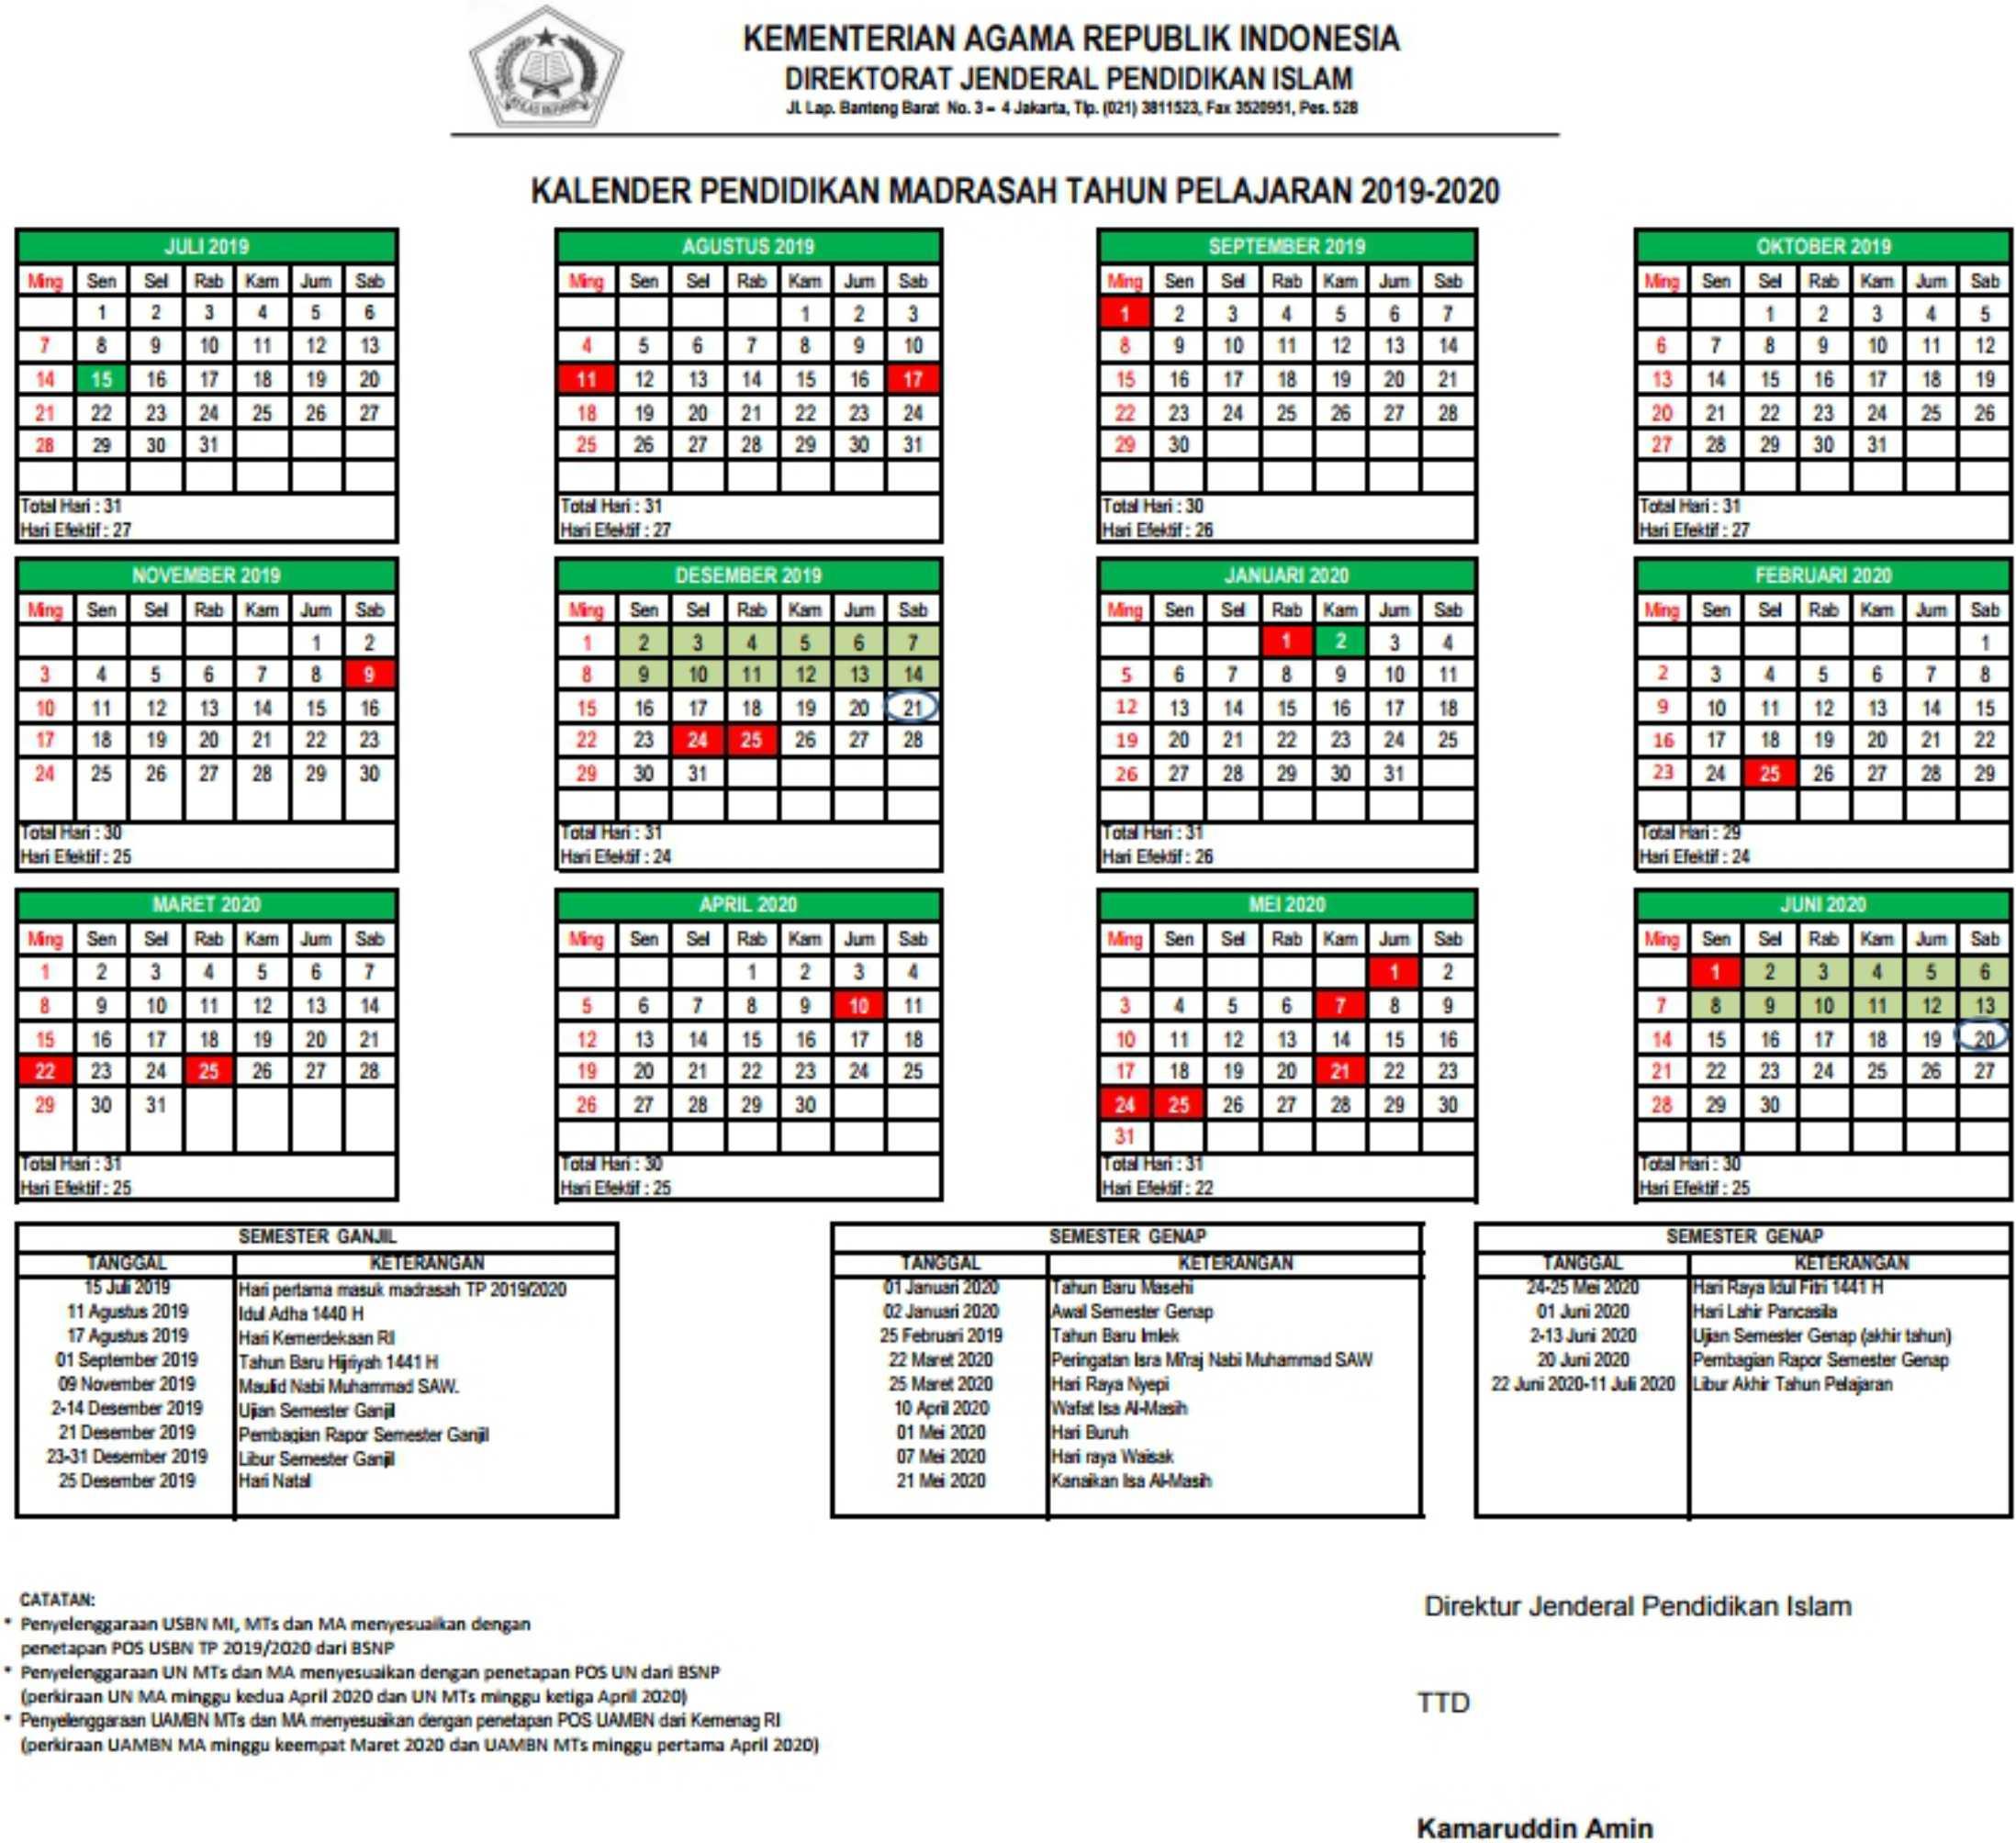 Kalender pendidikan madrasah tahun pelajaran 2019-2020